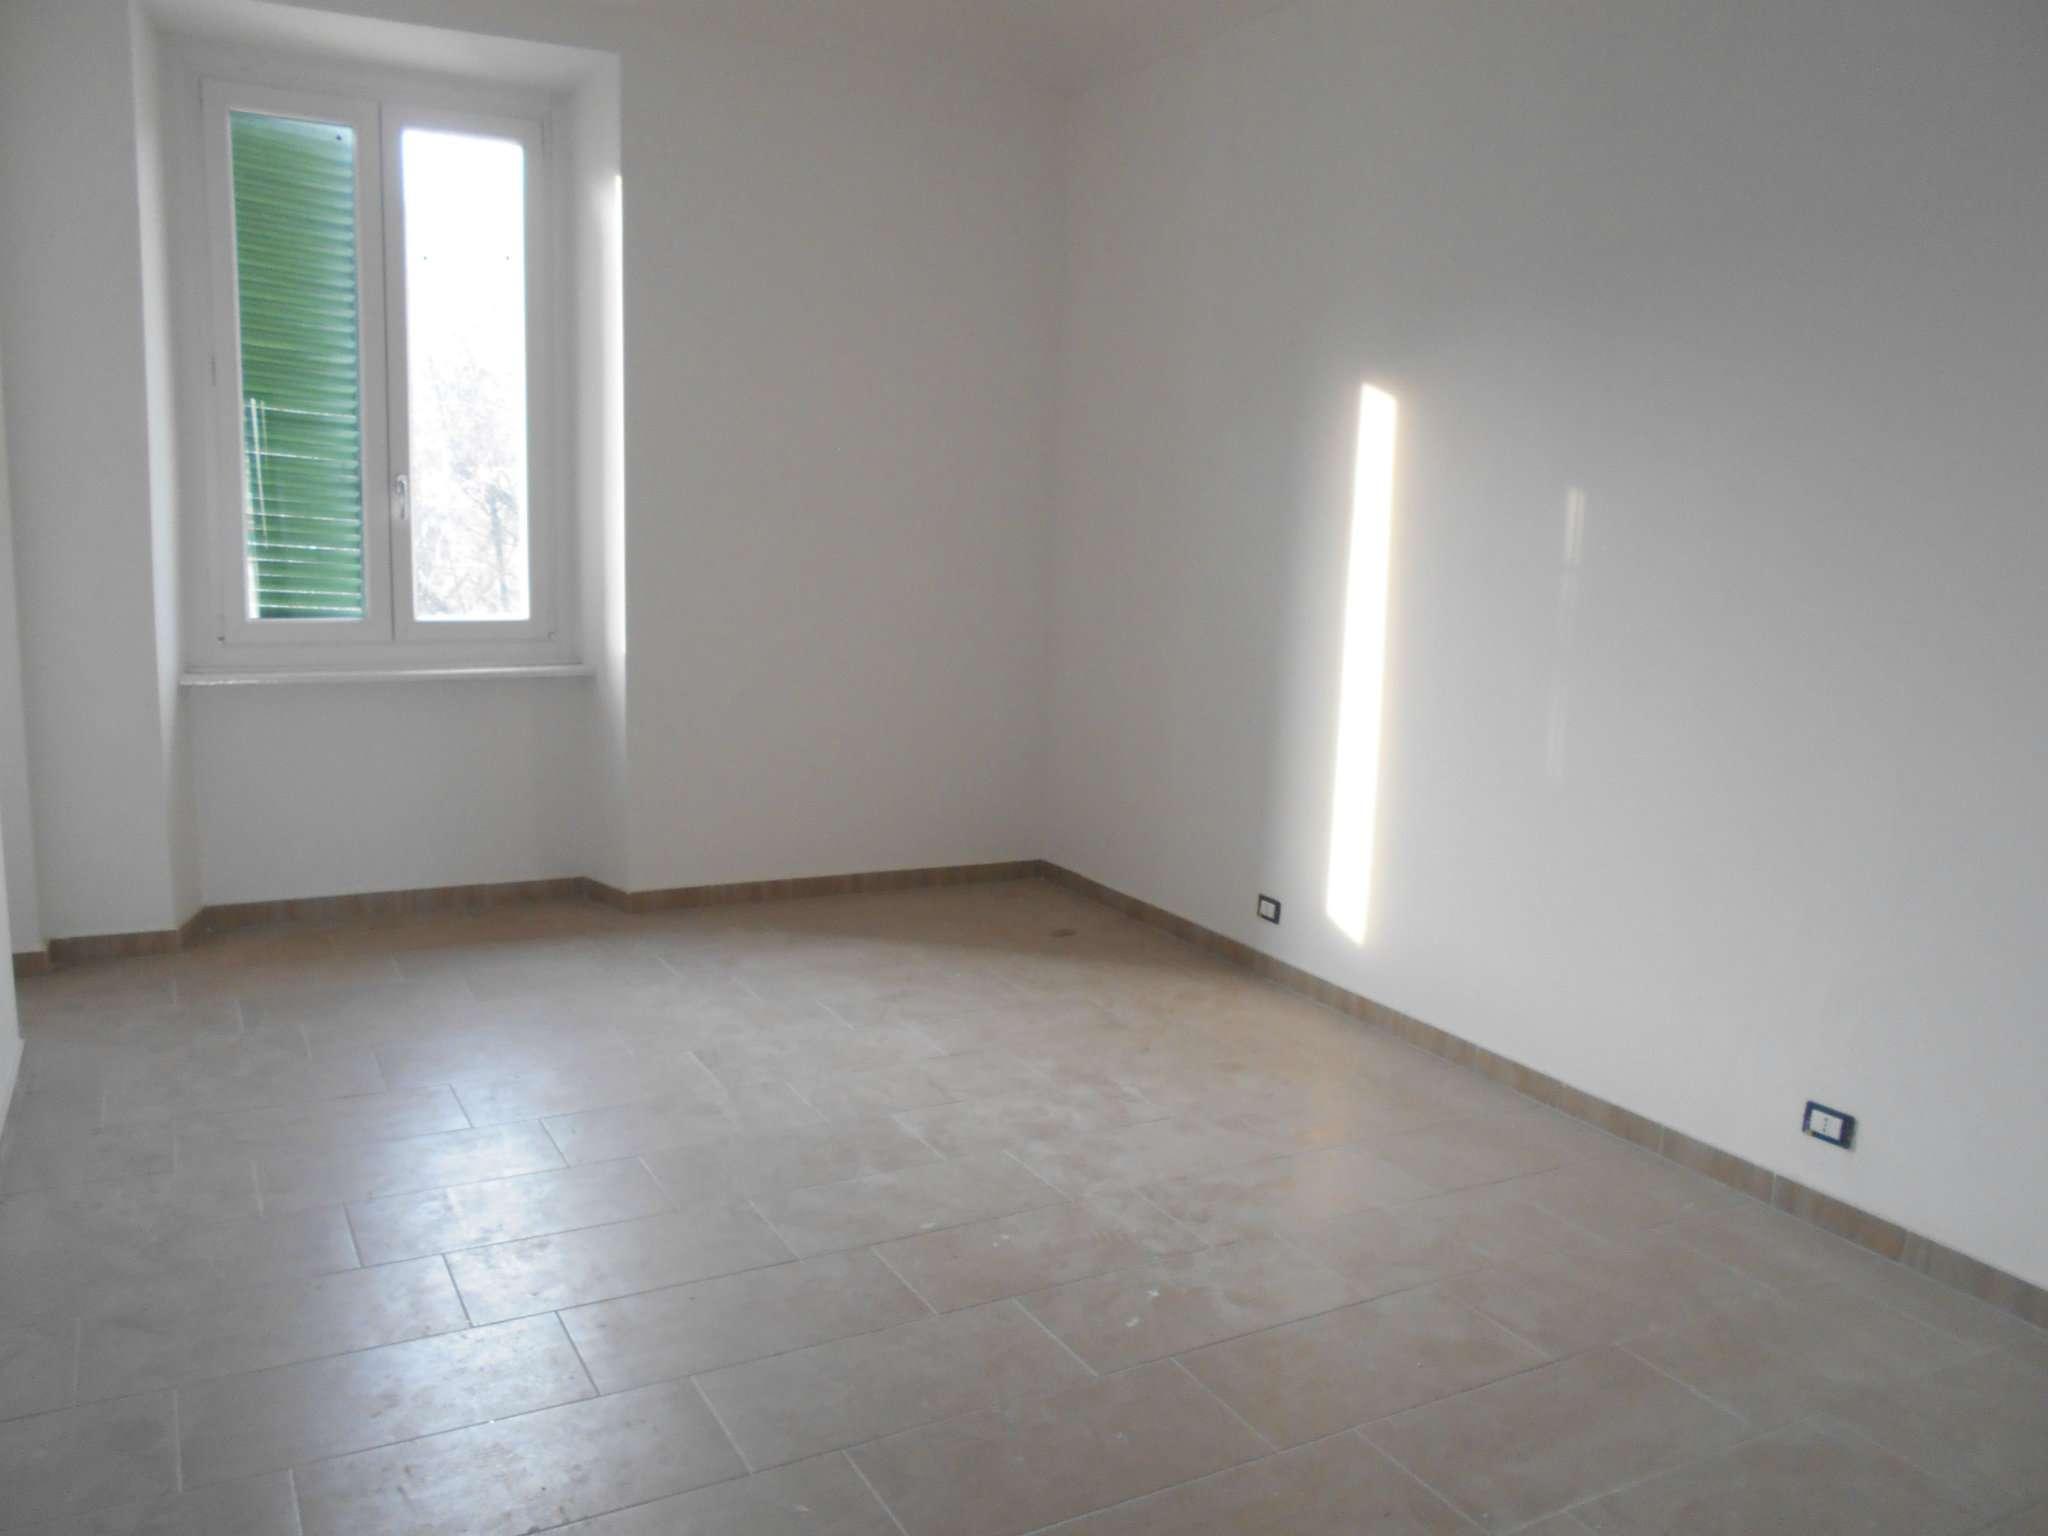 Appartamento in vendita a Torino, 2 locali, zona Zona: 12 . Barca-Bertolla, Falchera, Barriera Milano, Corso Regio Parco, Rebaudengo, prezzo € 49.000 | CambioCasa.it